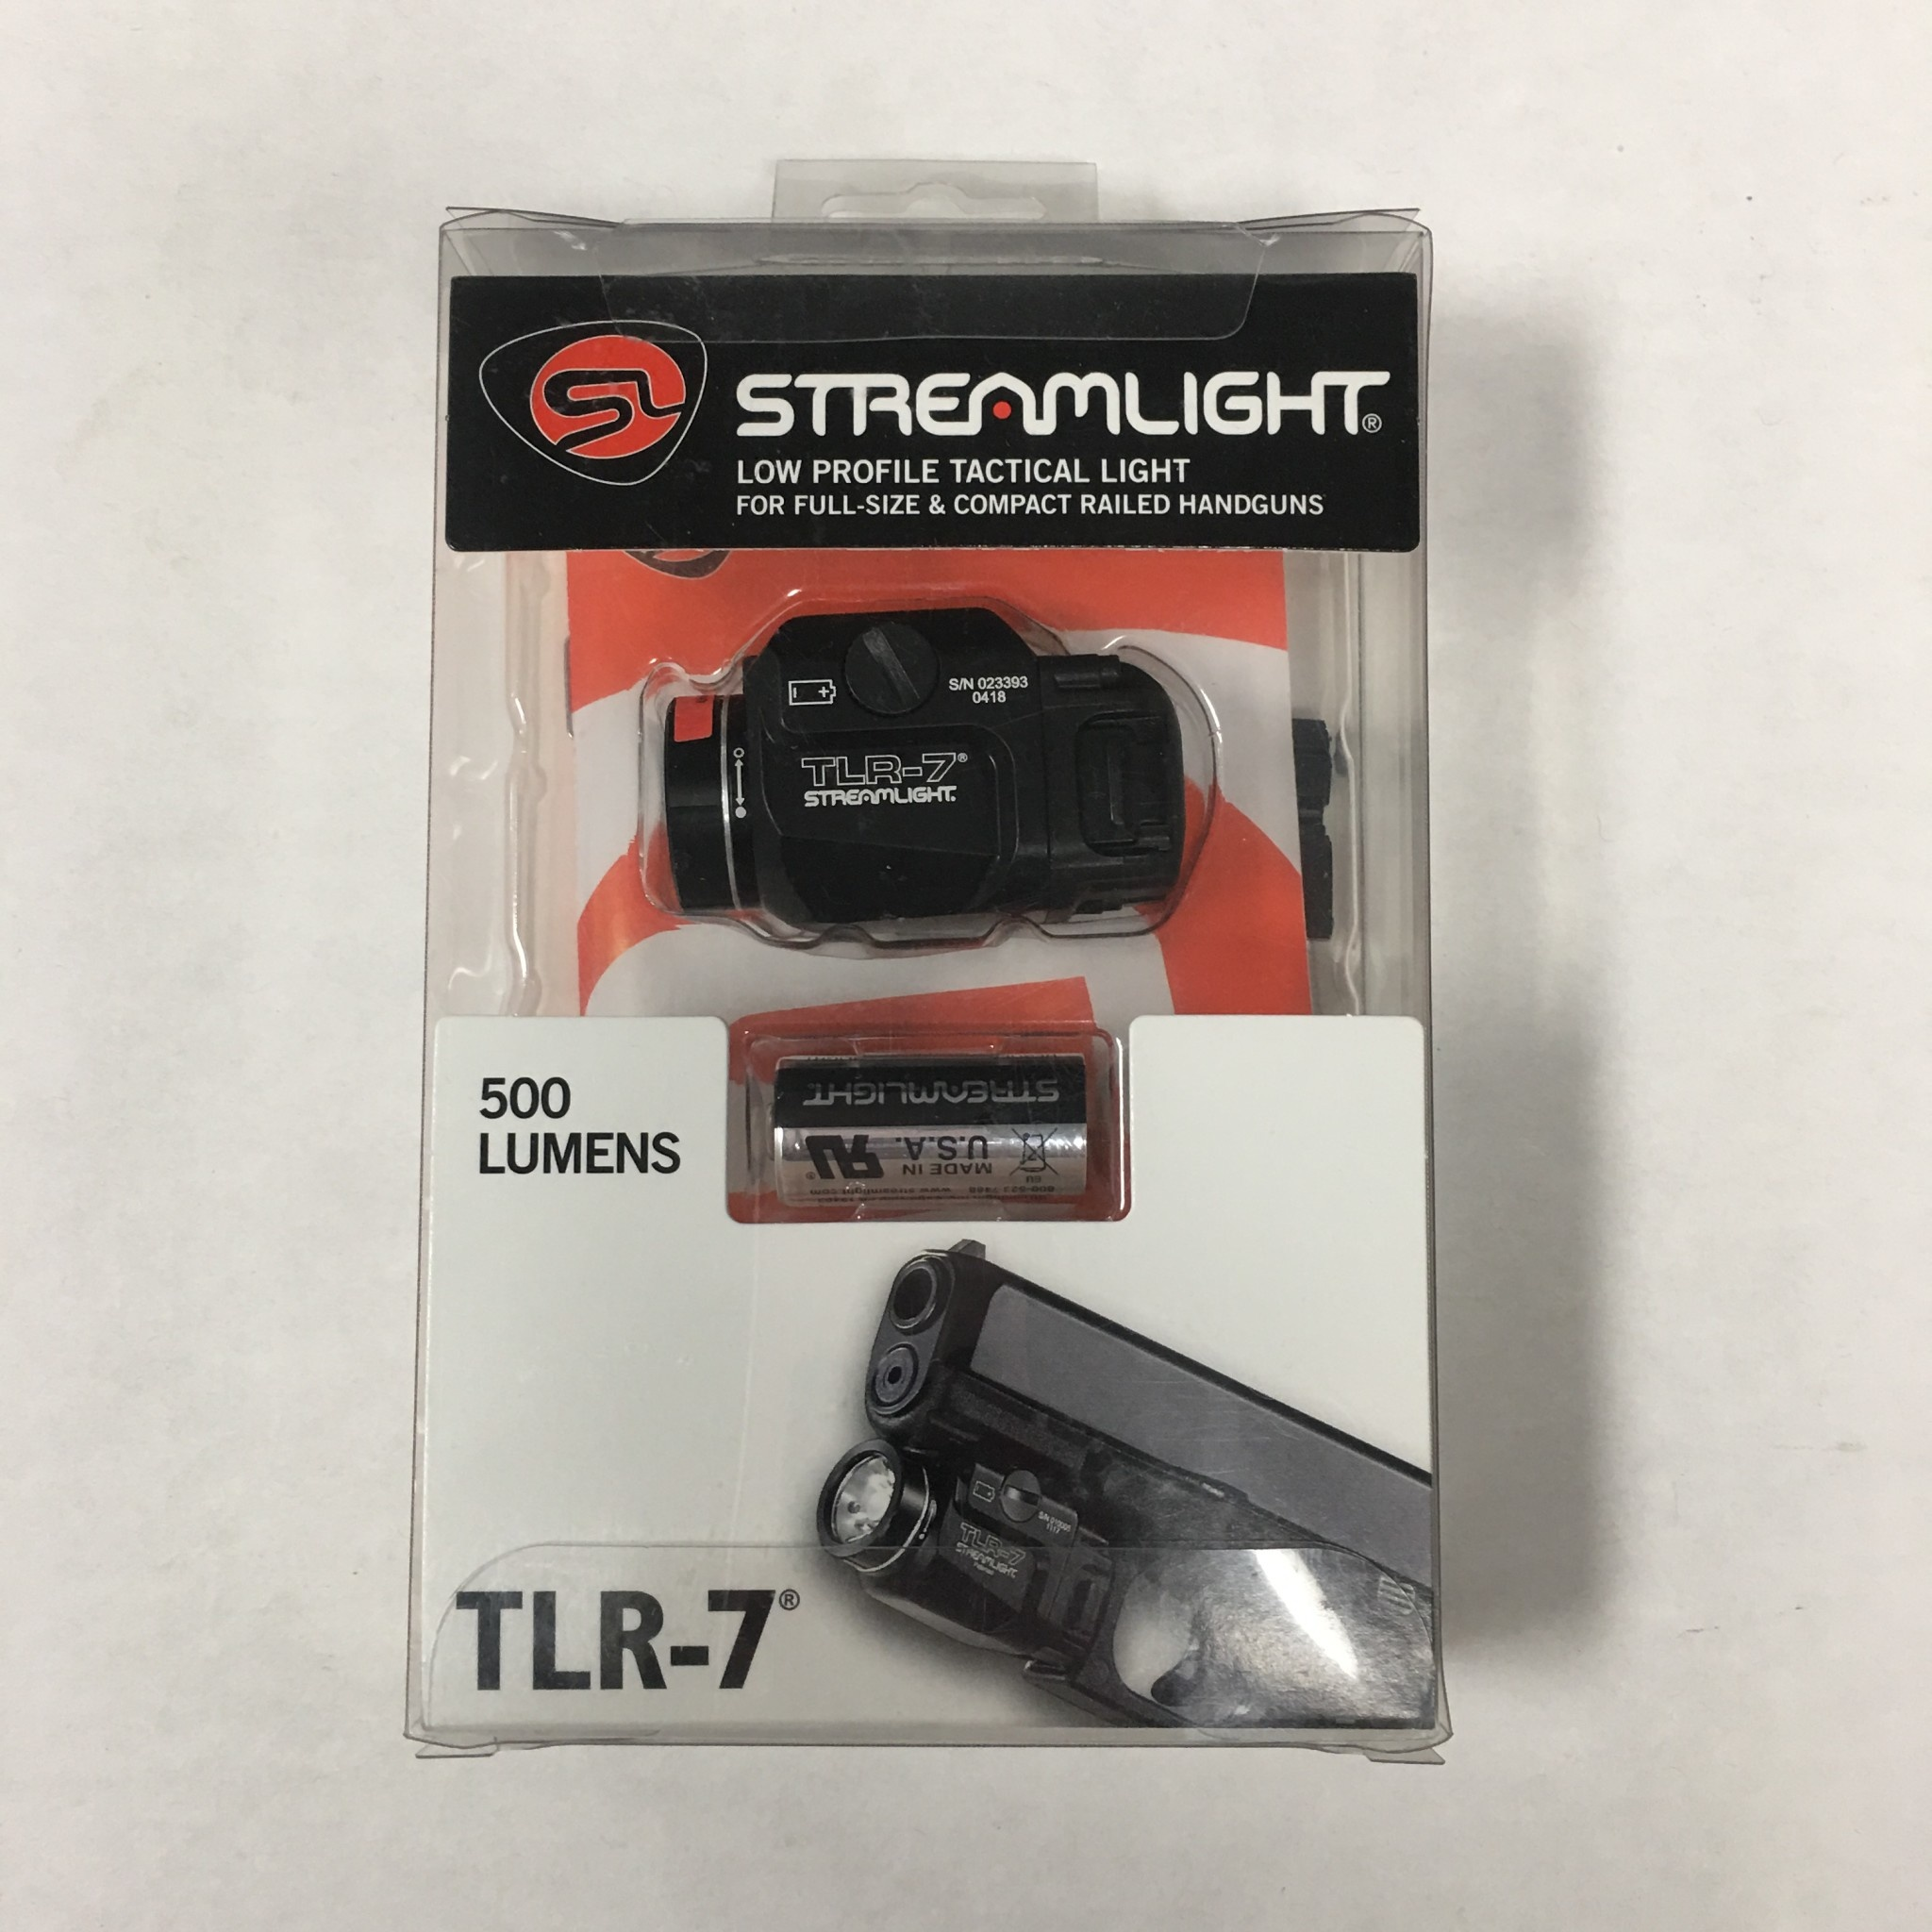 Streamlight TLR-7 Rail Mounted Pistol Light